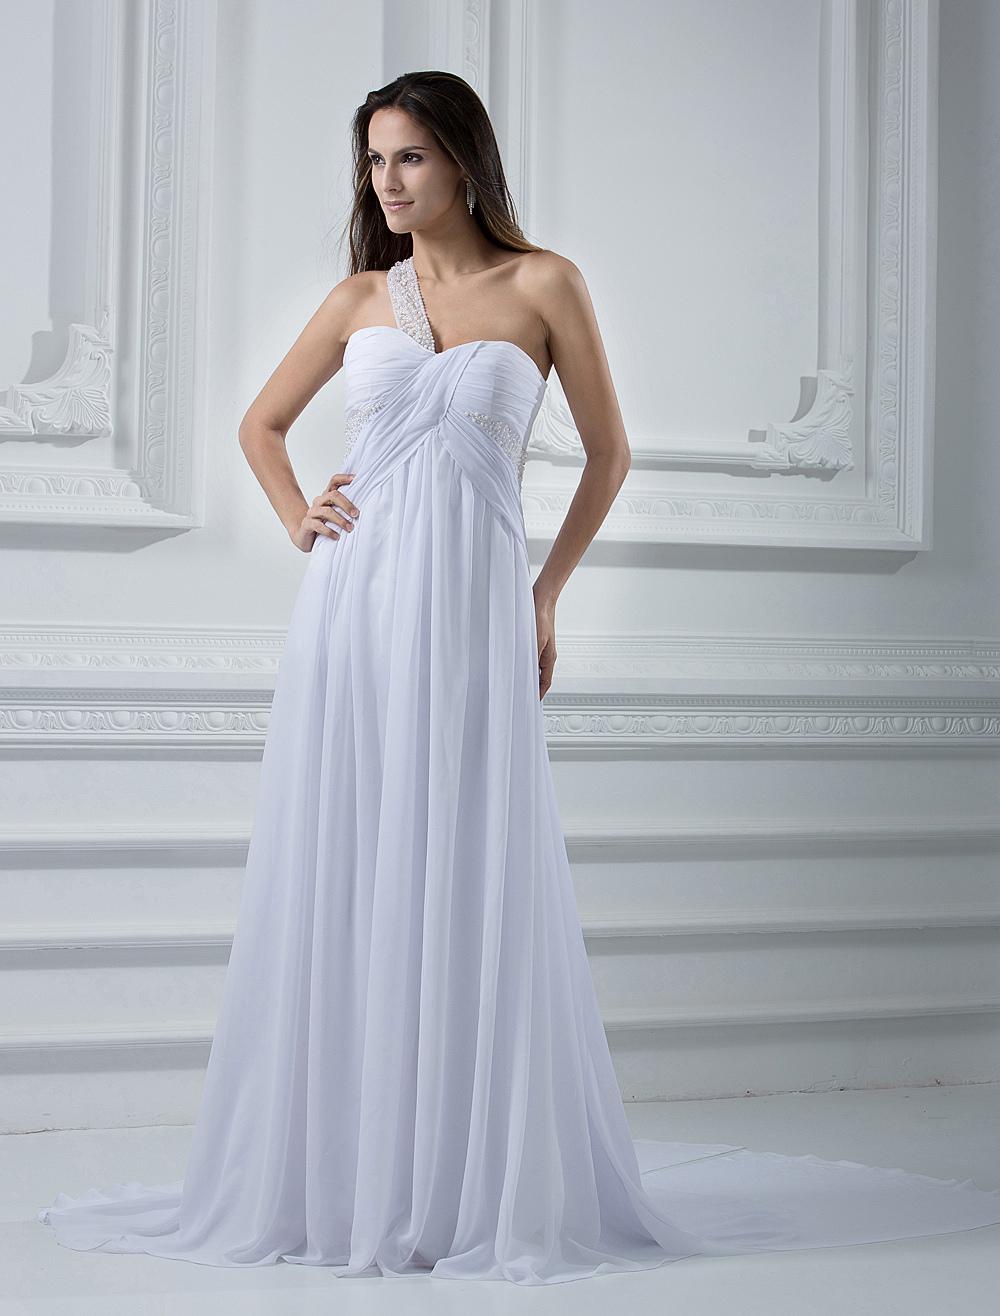 Empire Waist Ivory Chiffon Wedding Dress